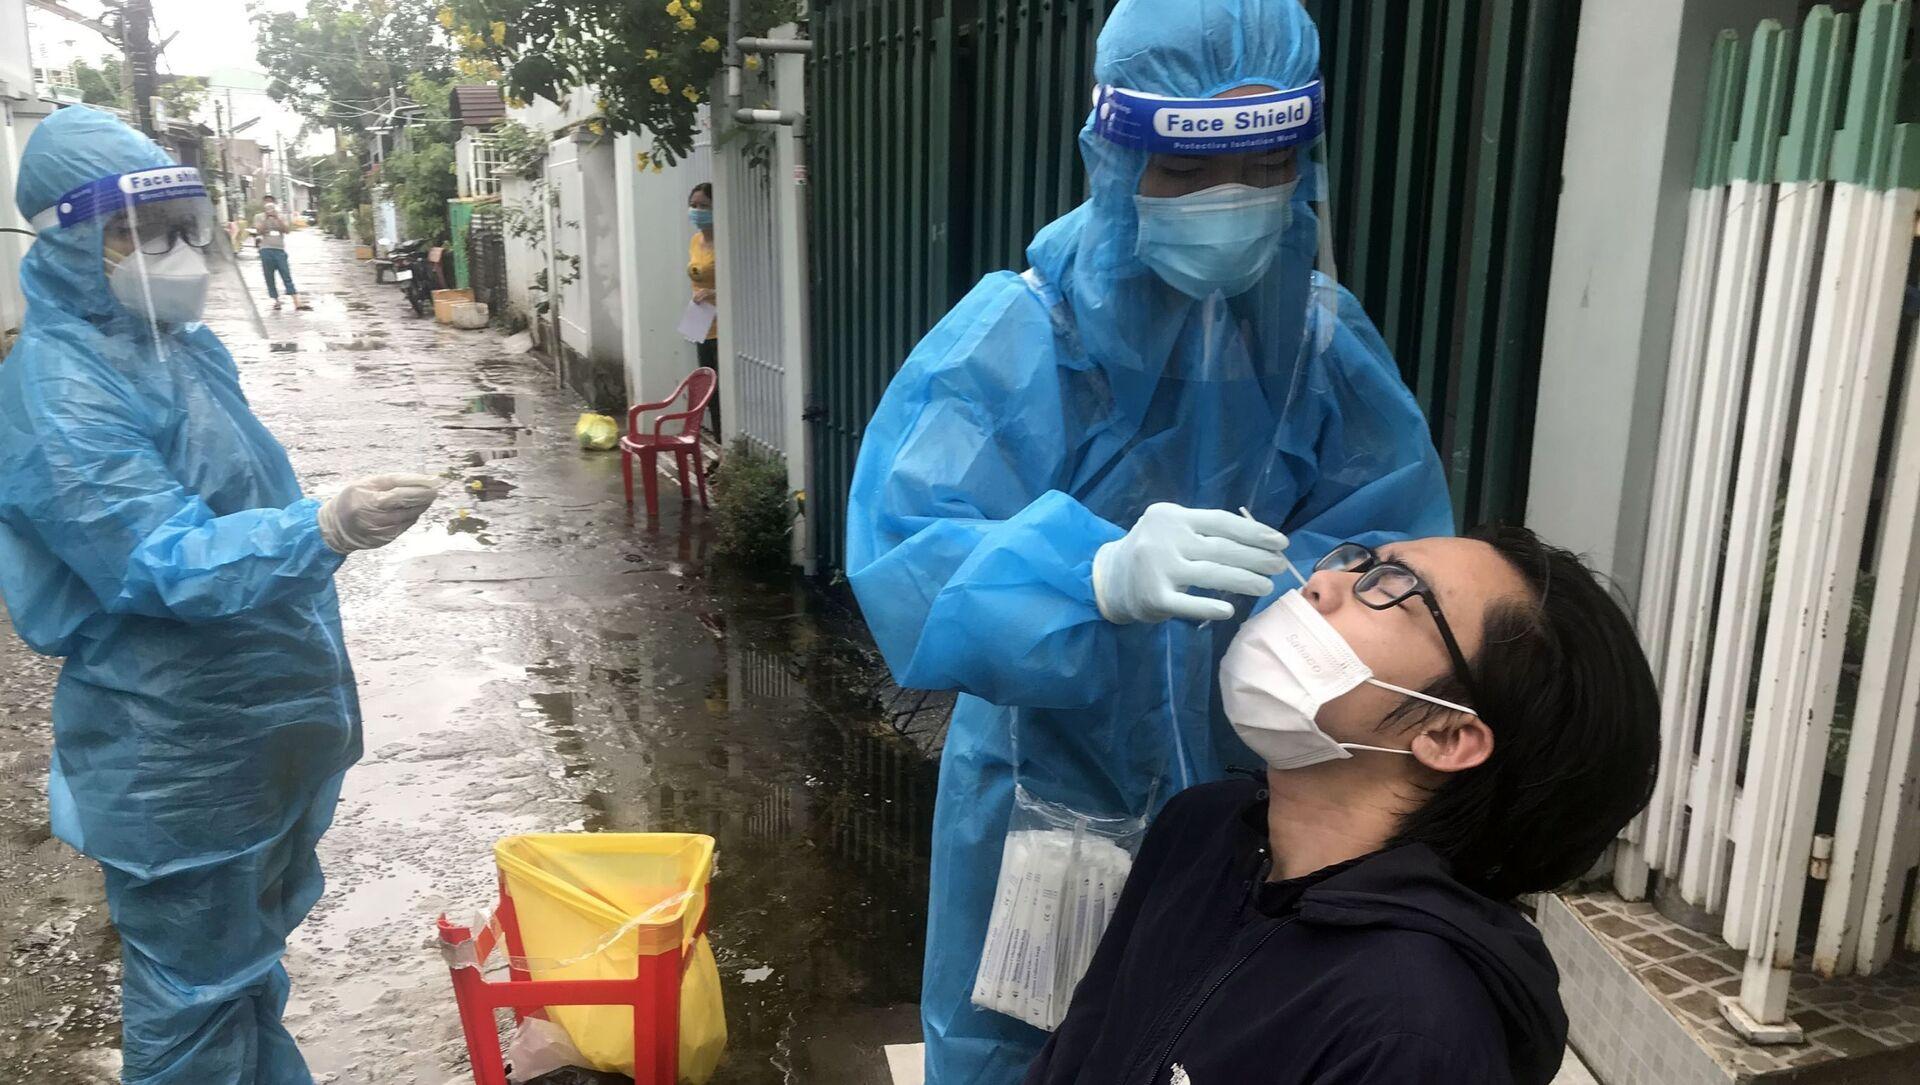 Đội lấy mẫu phường Vĩnh Quang, thành phố Rạch Giá, đến từng hộ dân để thực hiện xét nghiệm sàng lọc SARS-CoV-2 - Sputnik Việt Nam, 1920, 14.09.2021